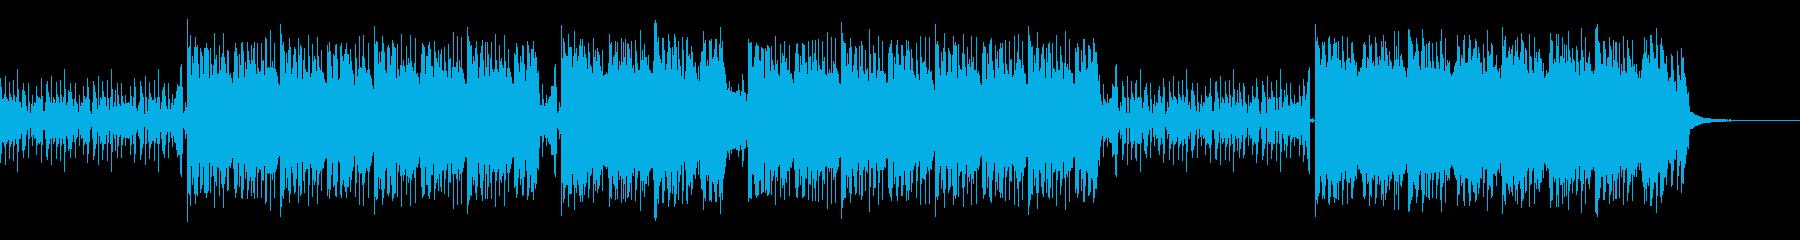 ロックでギターリフが特徴的な曲の再生済みの波形